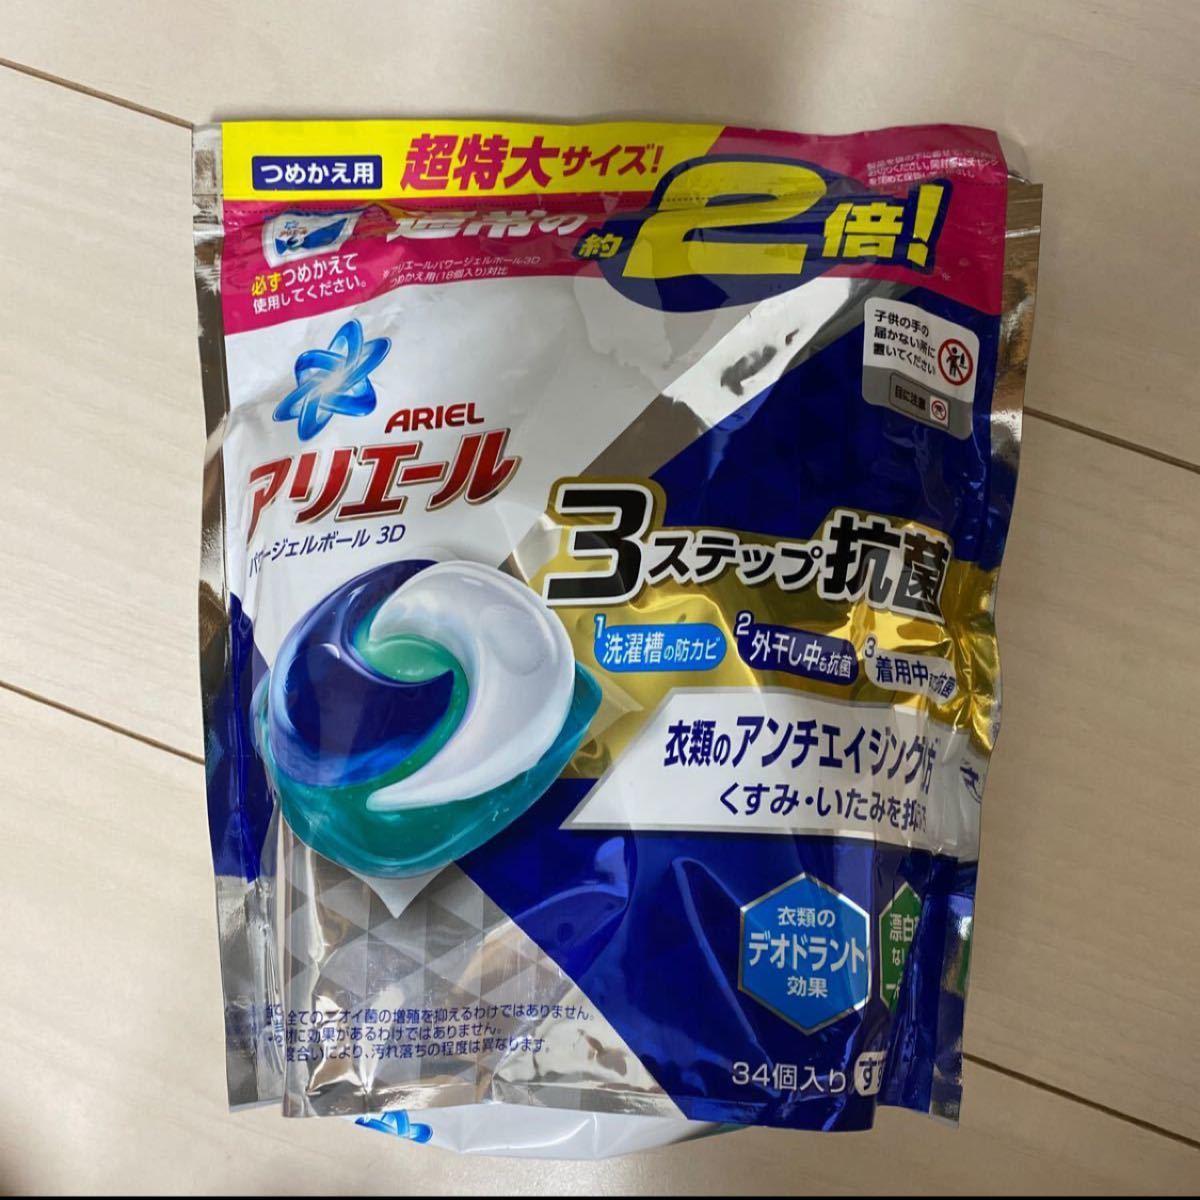 アリエール ジェルボール3D 洗濯洗剤 詰め替え